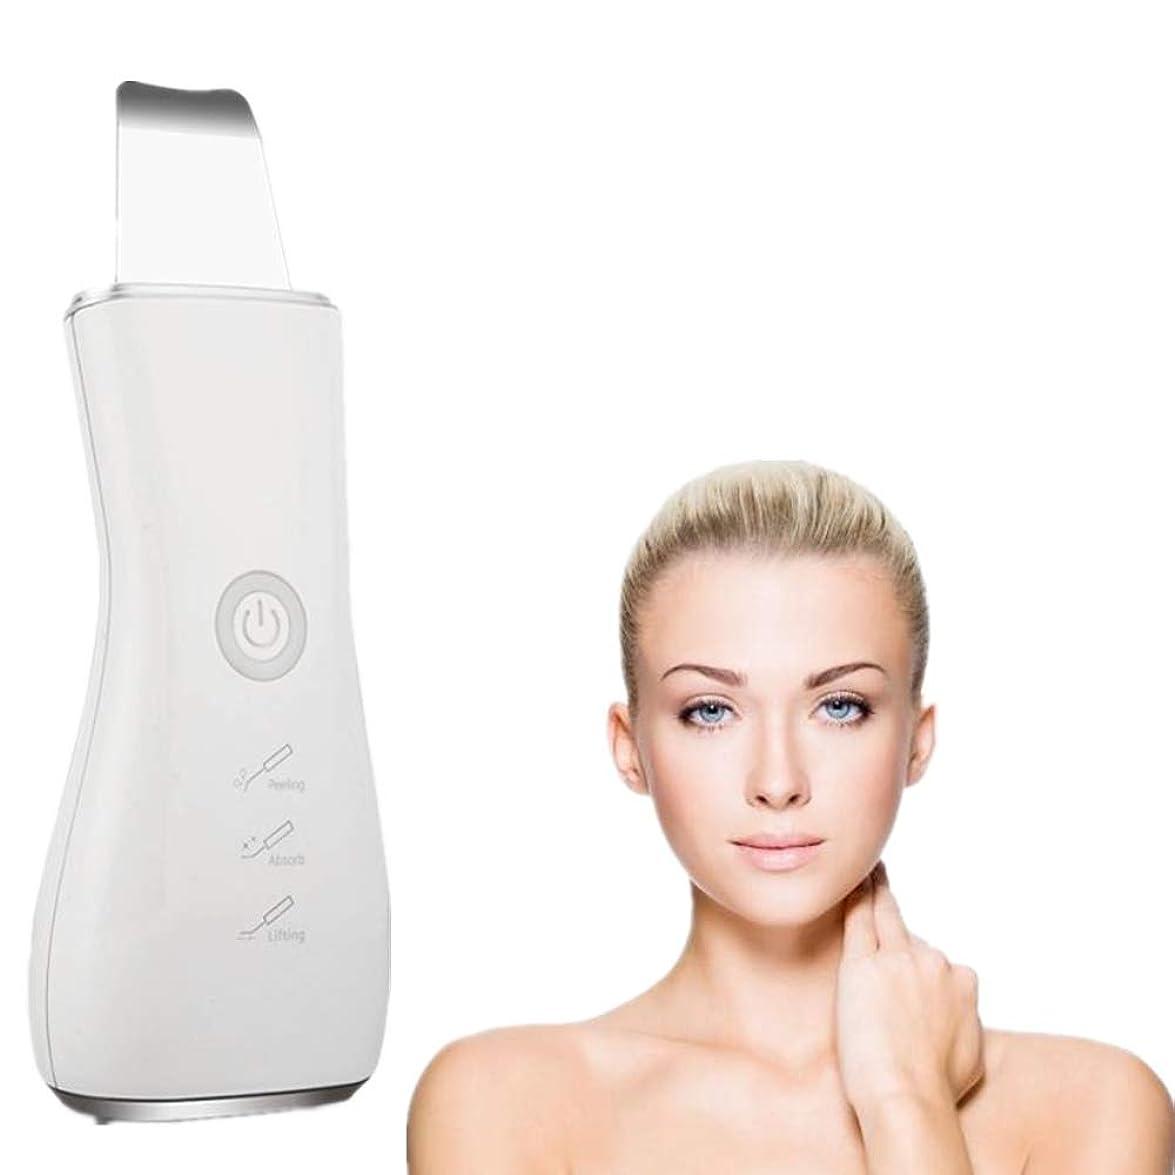 支出四半期フローティング顔の皮膚スクラバーブラックヘッドリムーバー毛穴充電式スキンスクラバー光子の若返り美容スキンクリーナーEMSクリーニングイオン導入モードUSB充電式美容ツール、シルバー